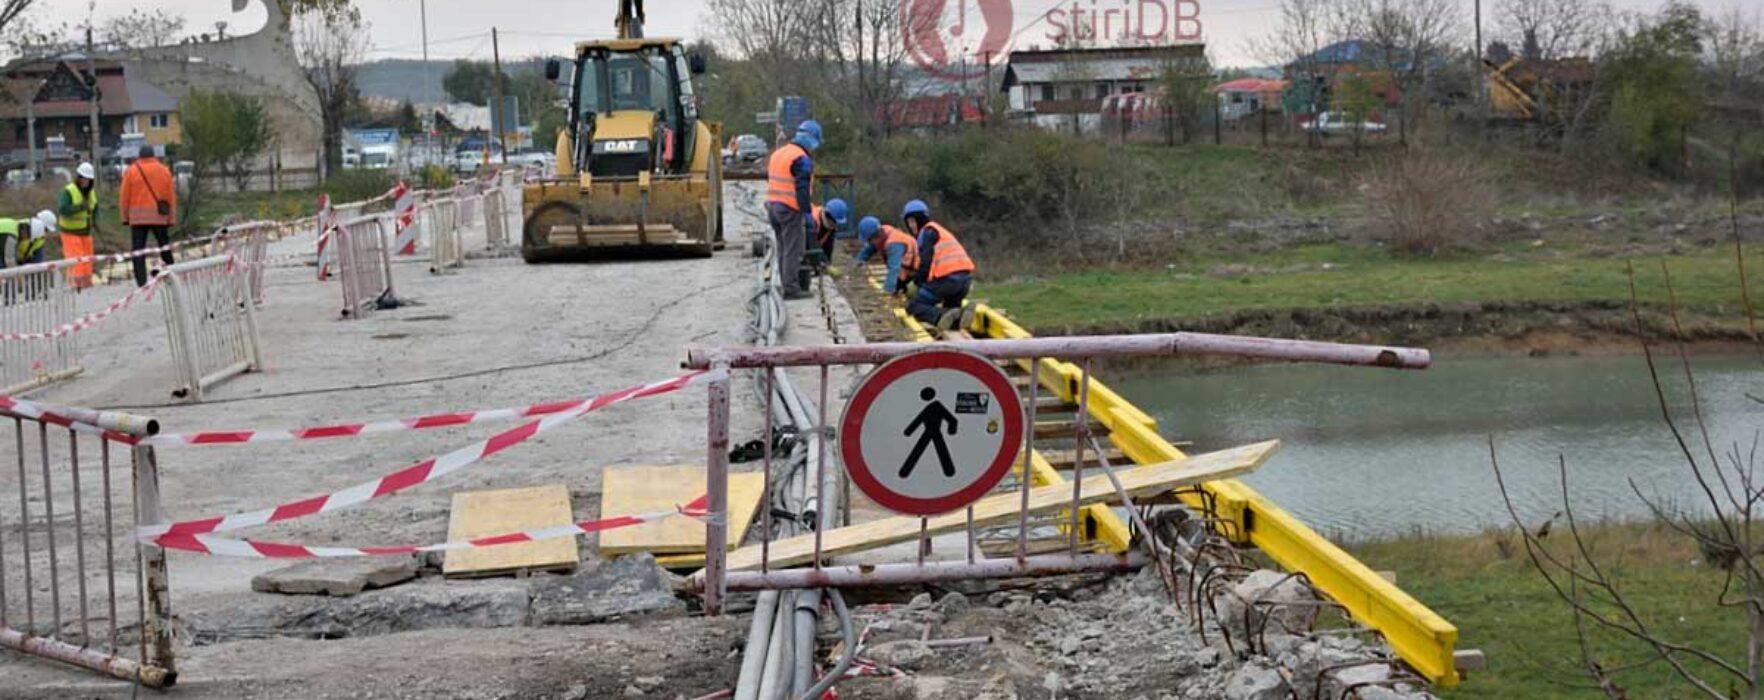 Primarul Târgoviştei anunţă că va rezilia contractul centurii şi va cere daune constructorului, dacă lucrările trenează